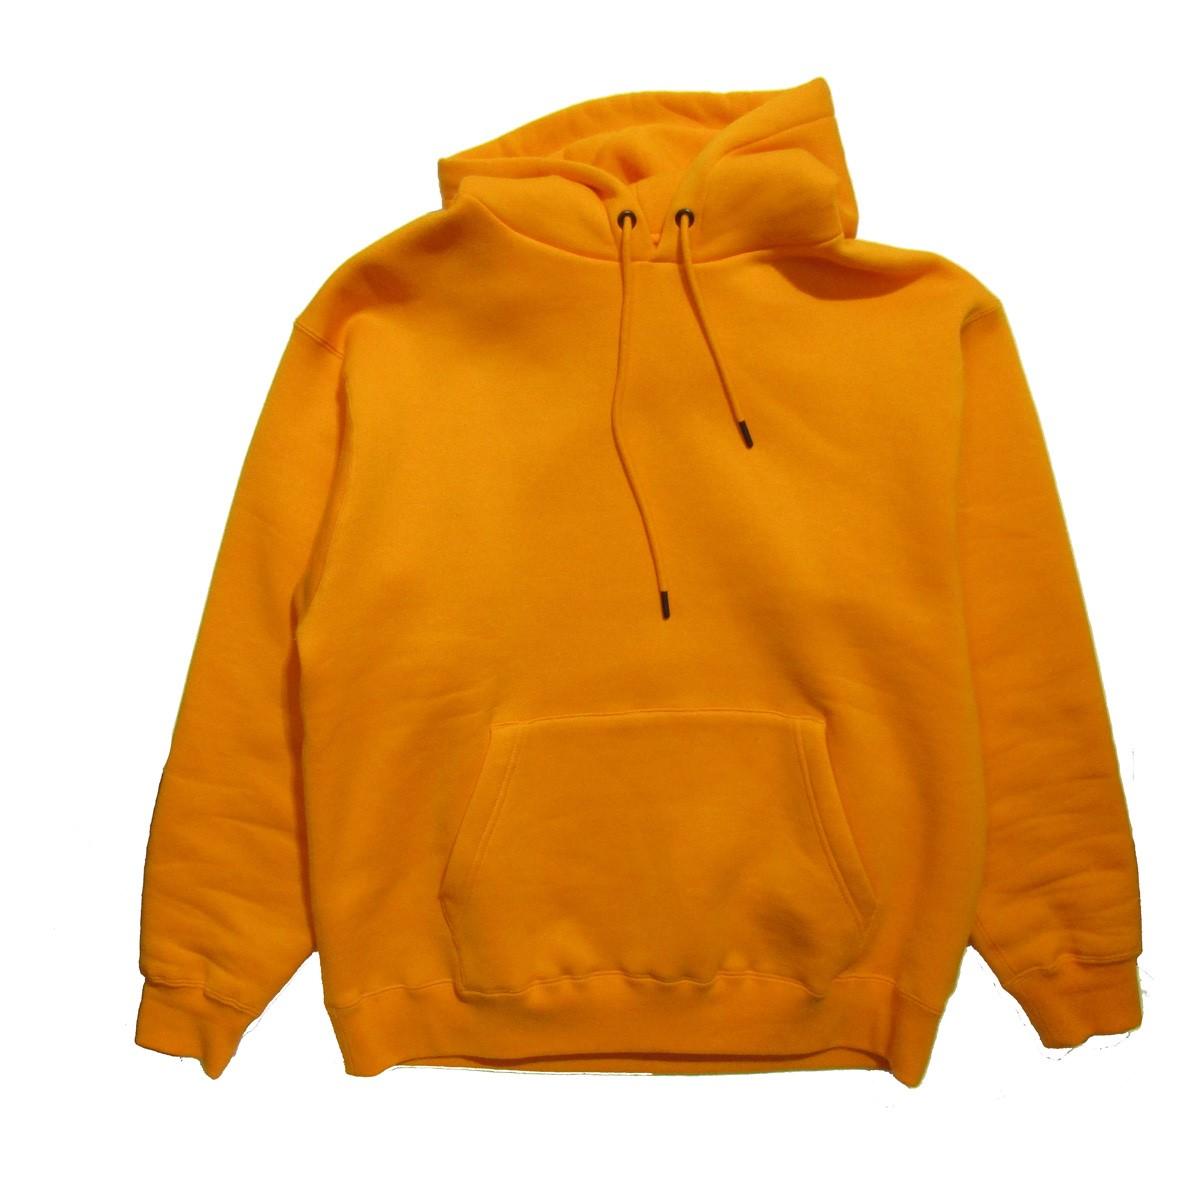 【中古】UNFIL コットンテリースウェットパーカー オレンジ サイズ:3 【280320】(アンフィル)